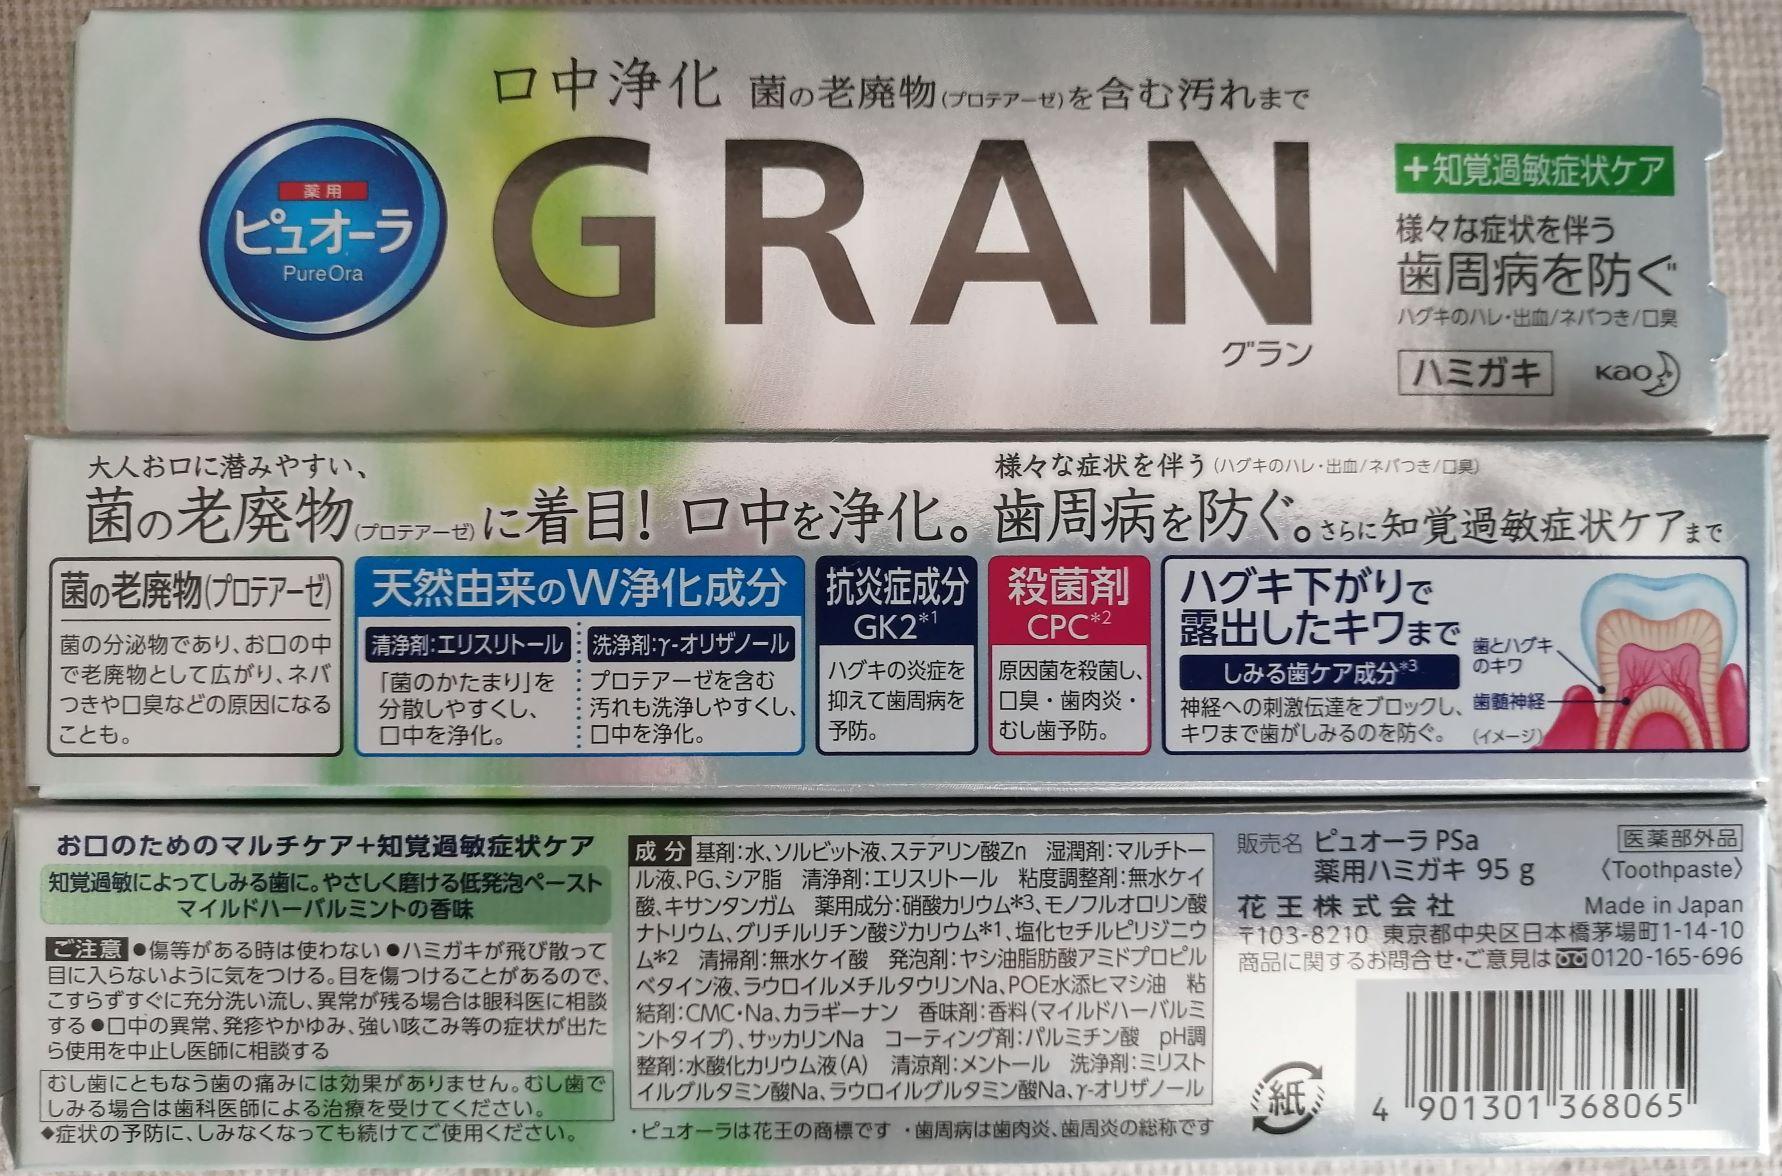 ピュオーラGRAN(グラン マルチケア(薬用ハミガキ)